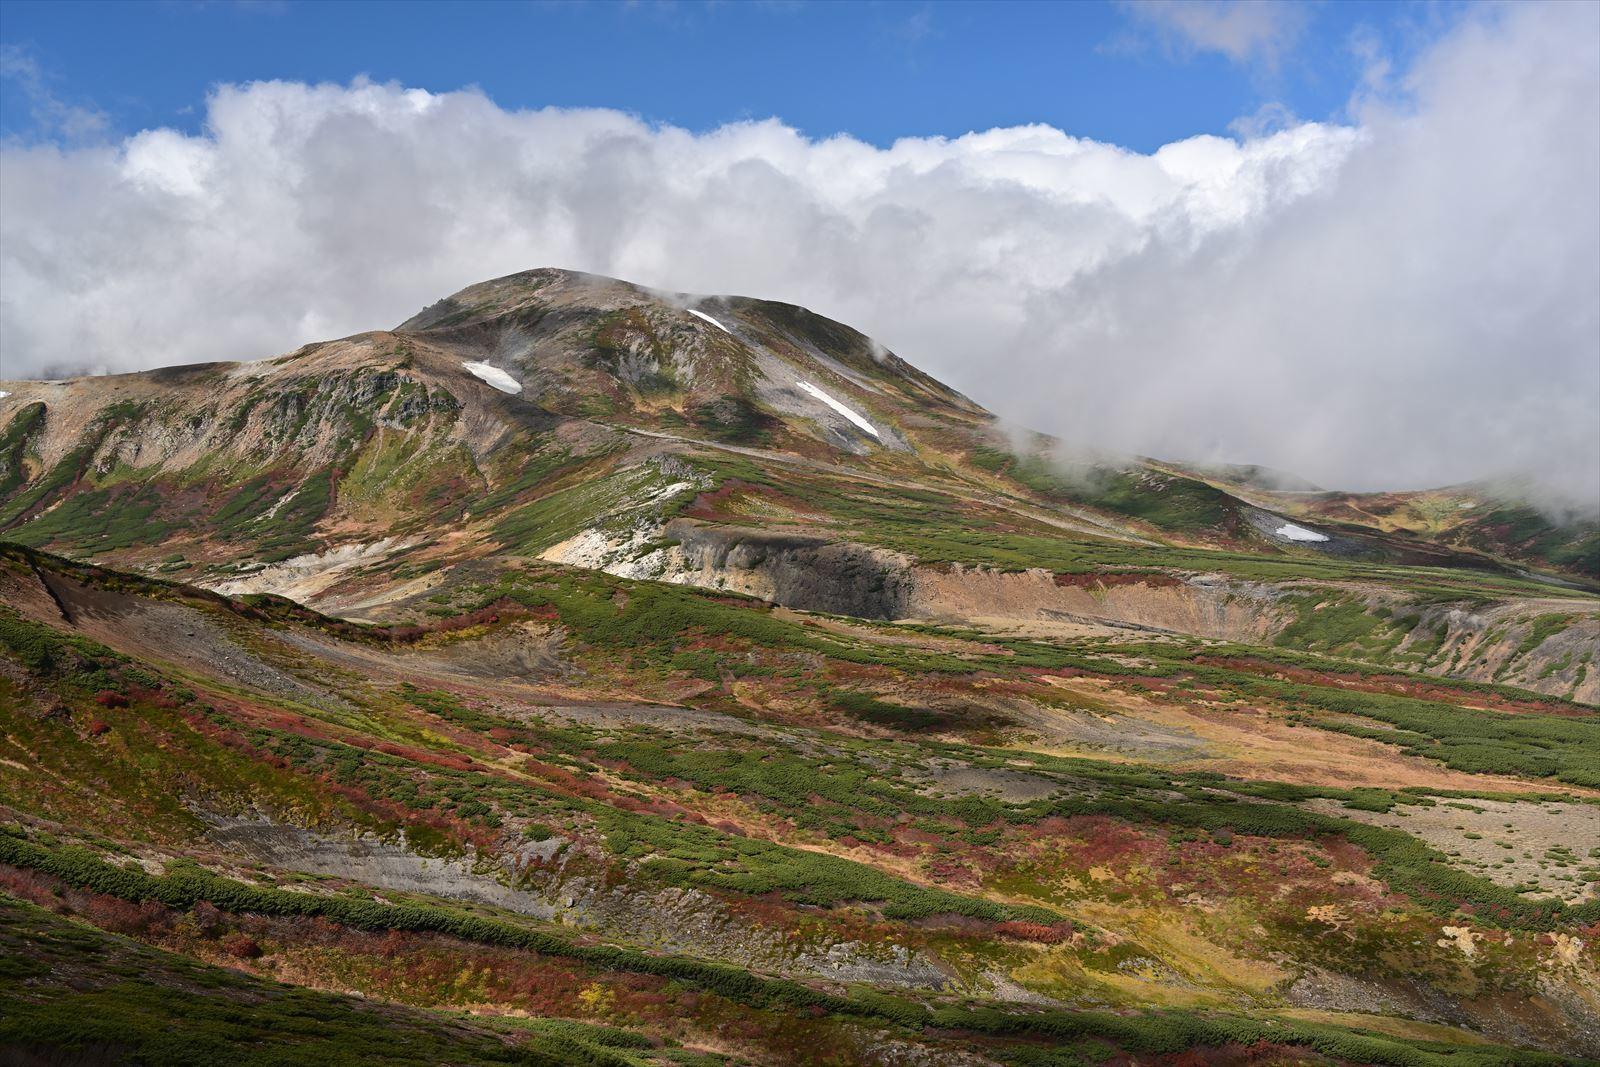 【大雪紅葉】 銀泉台-赤岳-黒岳-層雲峡 プチ縦走 2021.9.19_a0145819_05510464.jpg